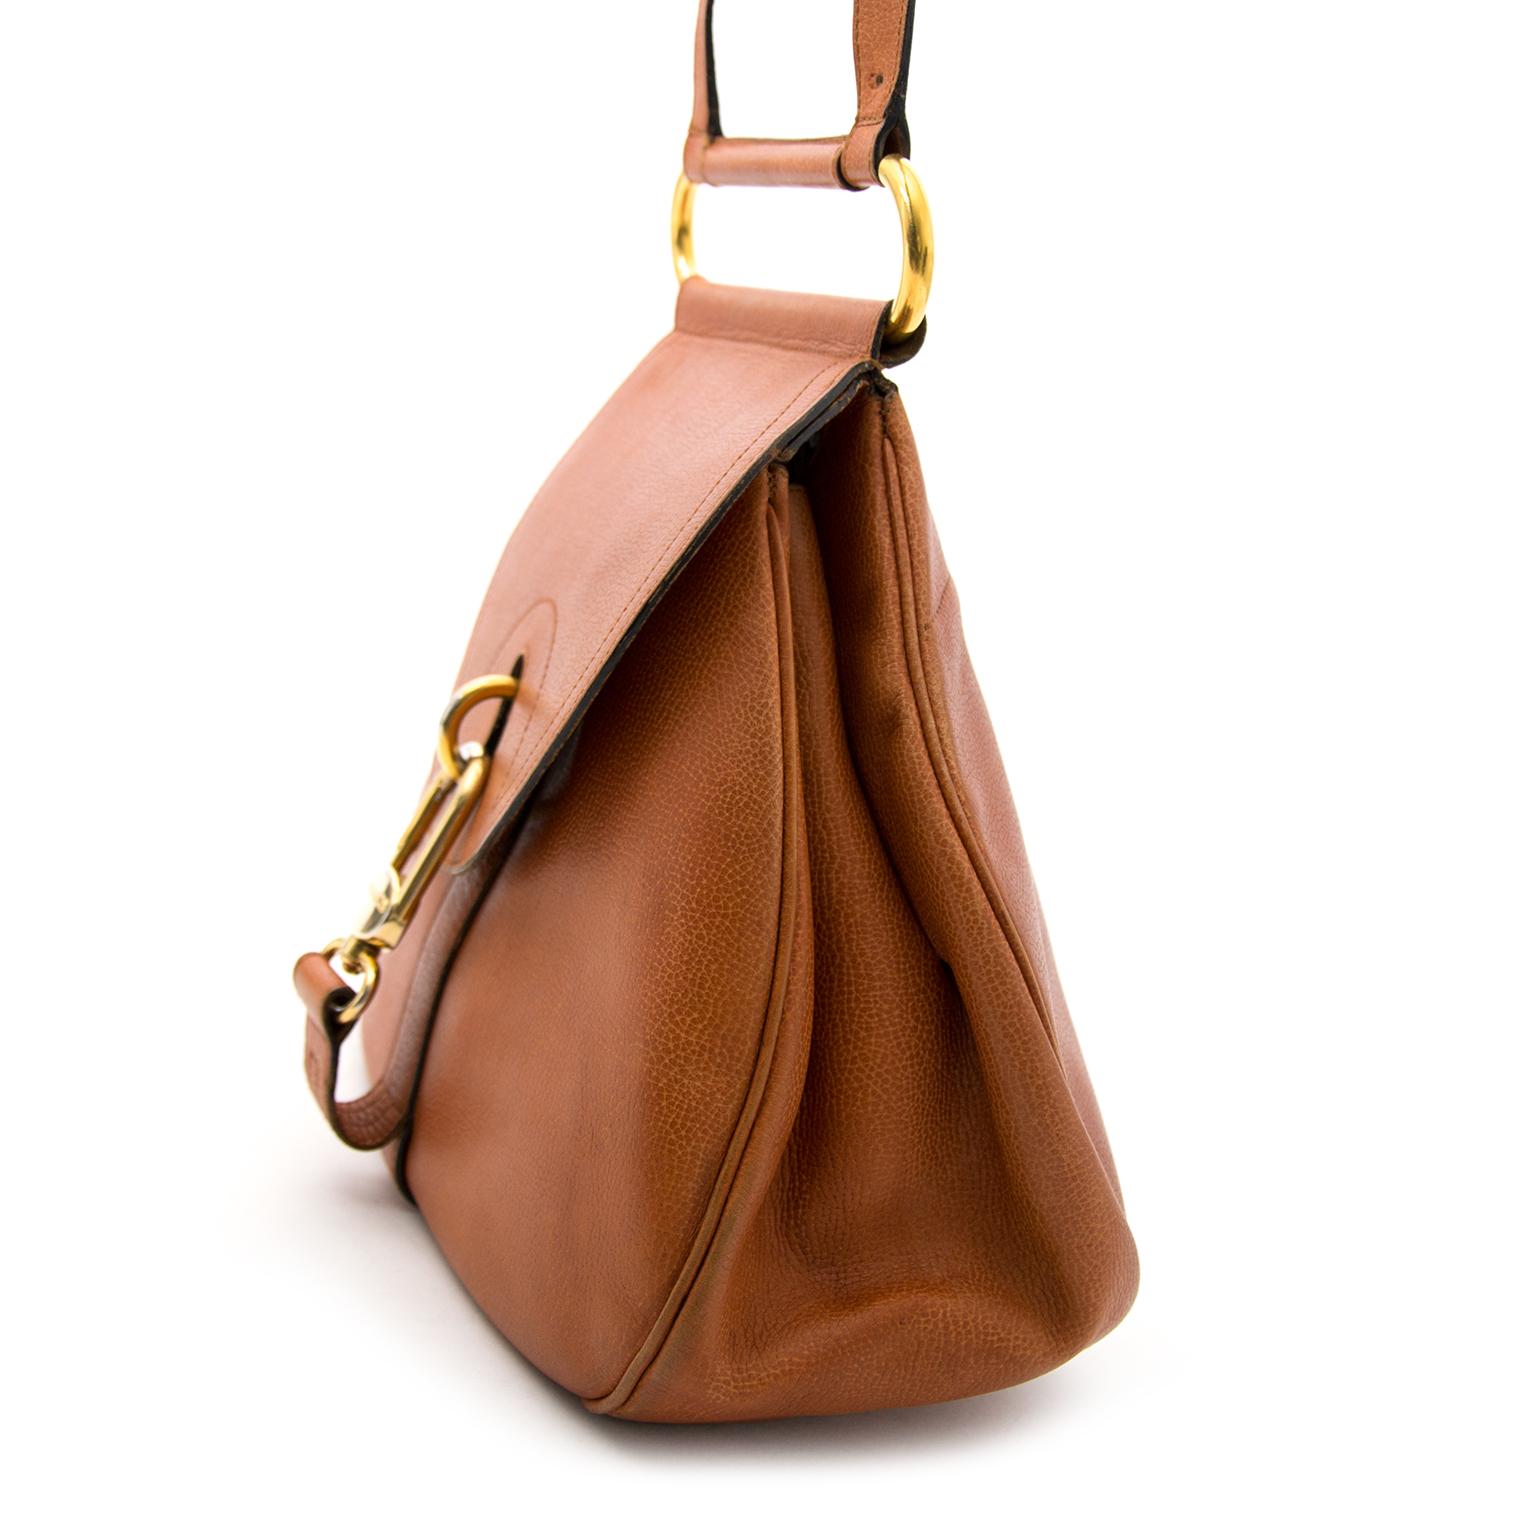 op zoek naar een delvaux handtas? Nu online delvaux cognace schoudertas bij labellov.com tegen de beste prijs